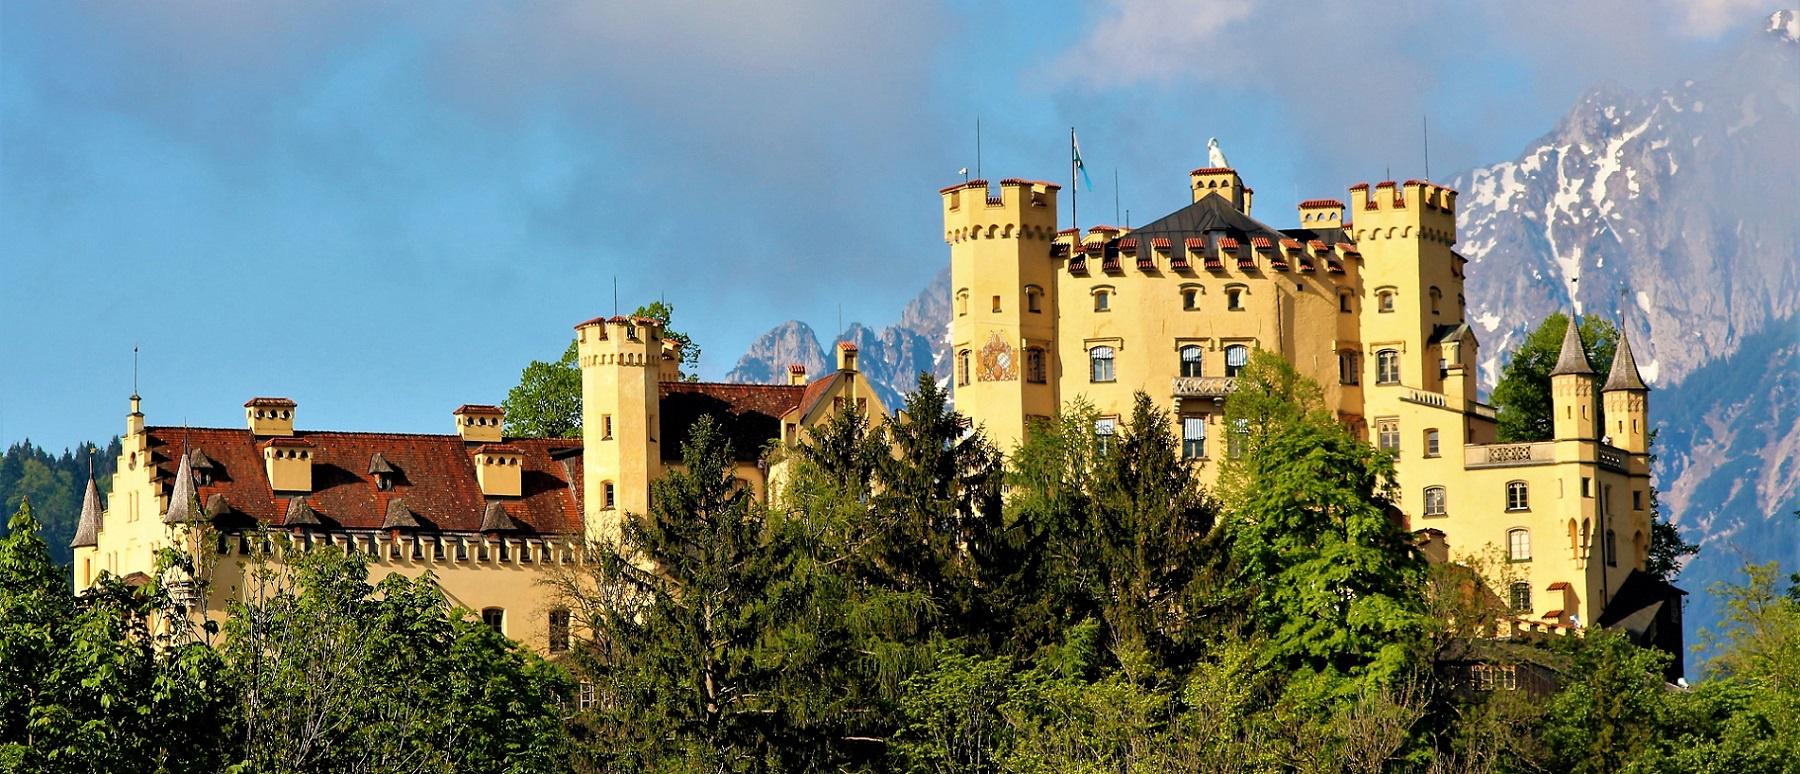 Private Tour to Neuschwanstein and Hohenschwangau Castle from Füssen